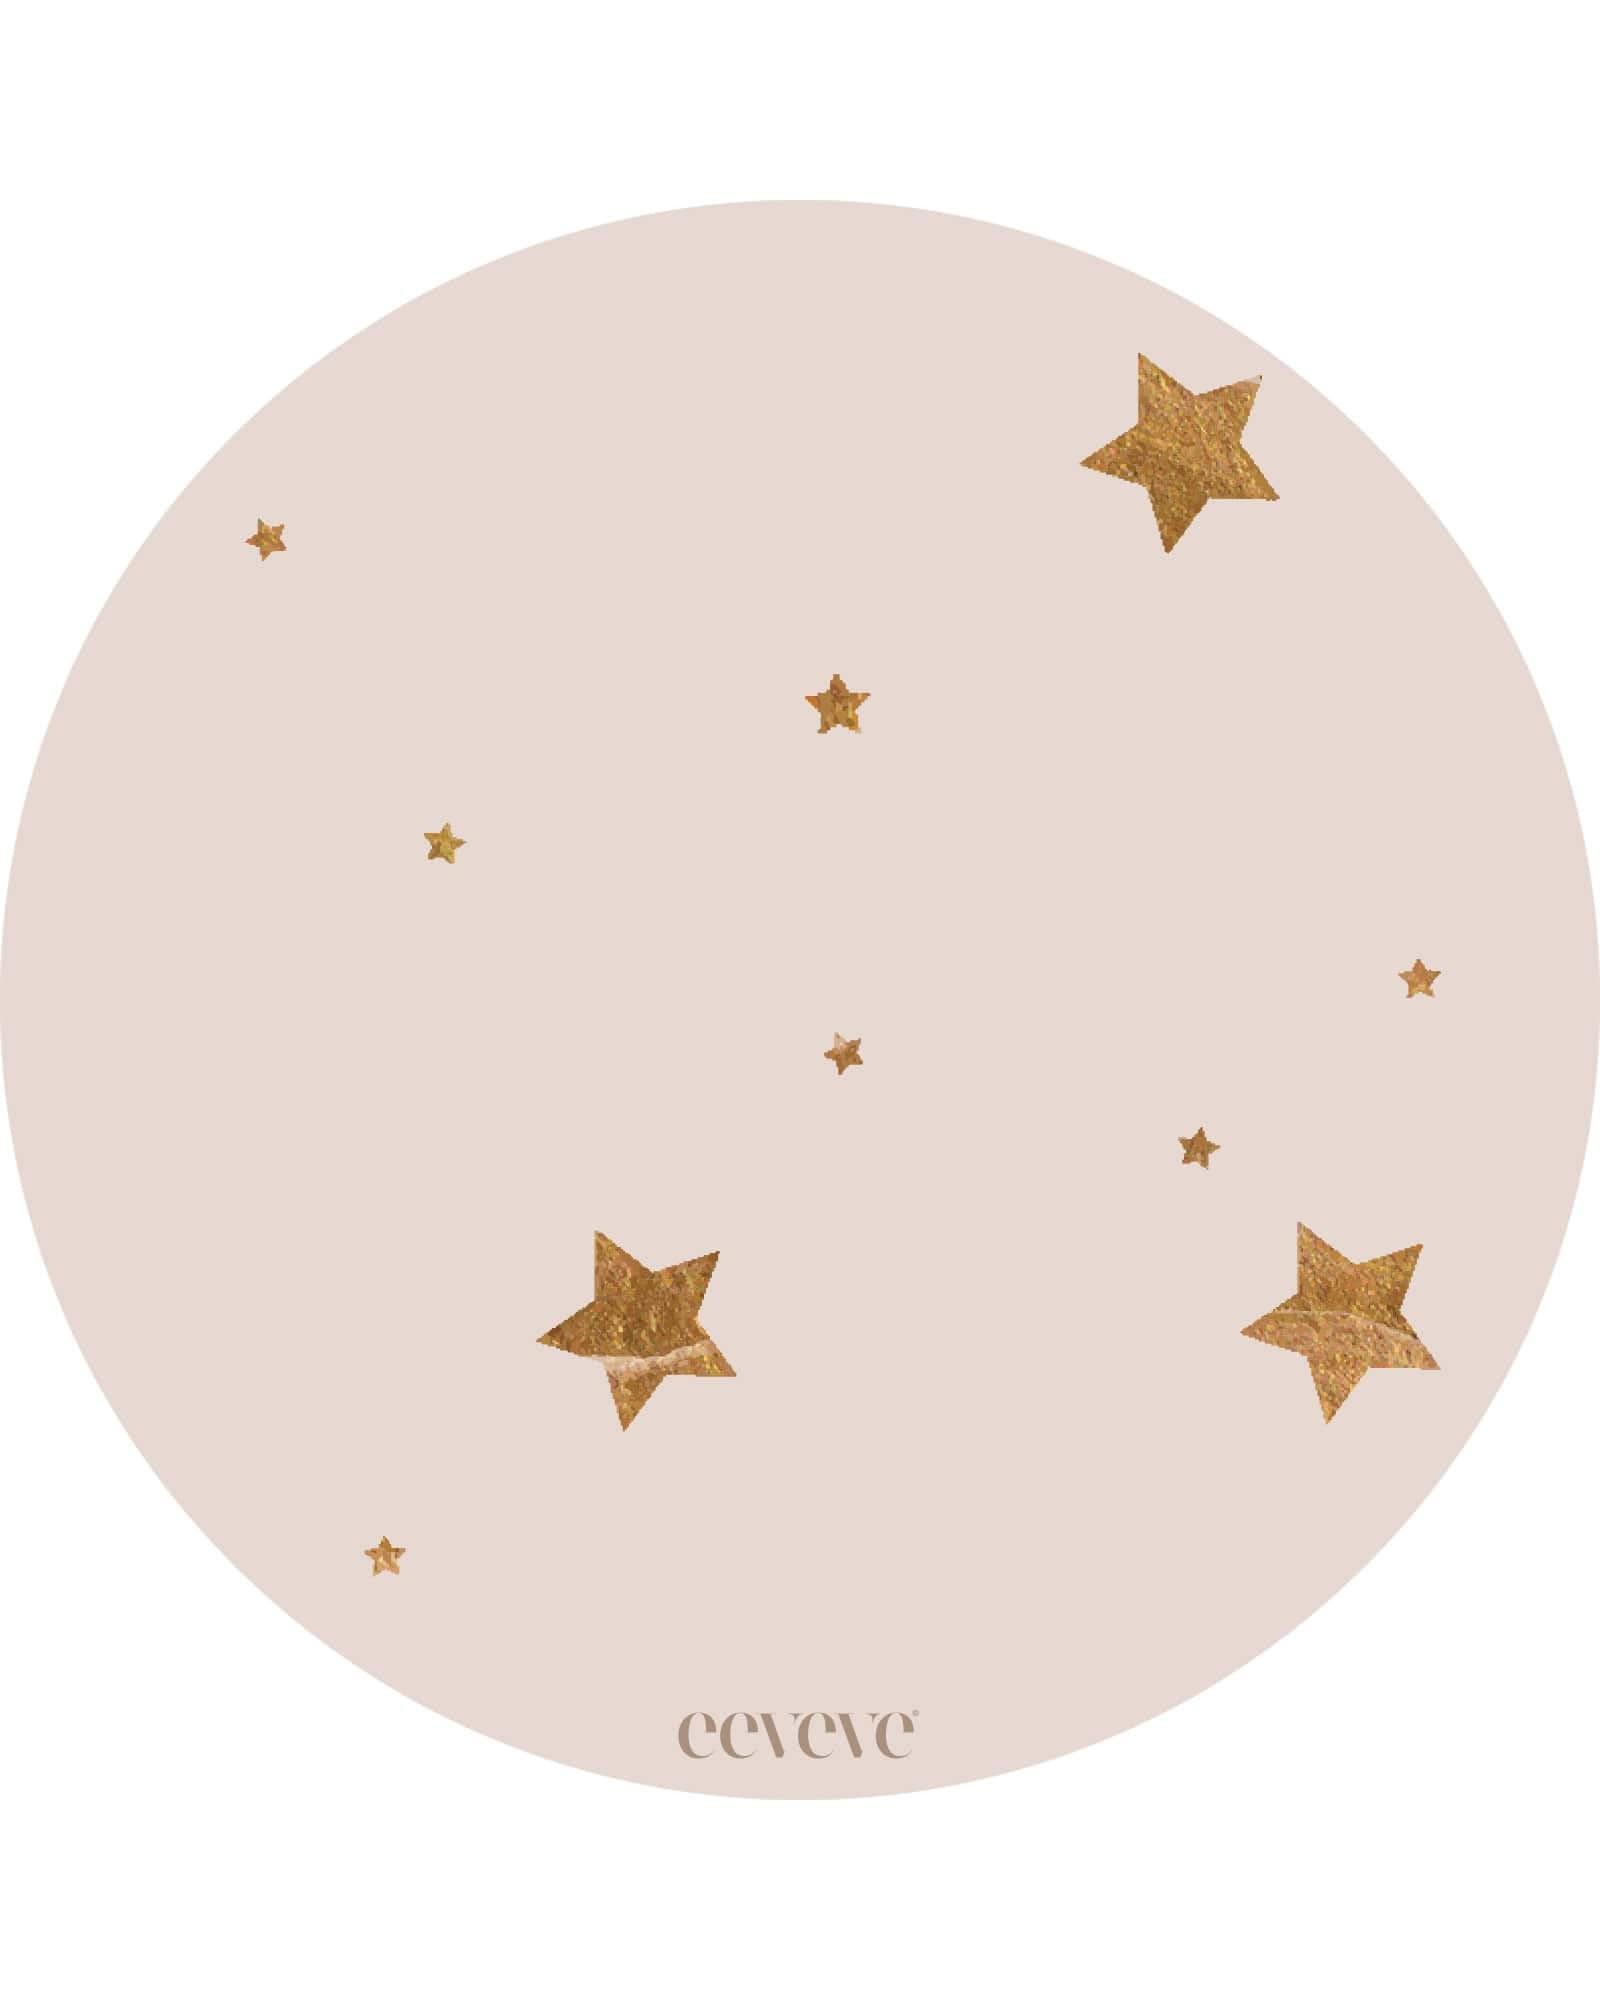 Eeveve - 12x Onderleggers Stars - Almond